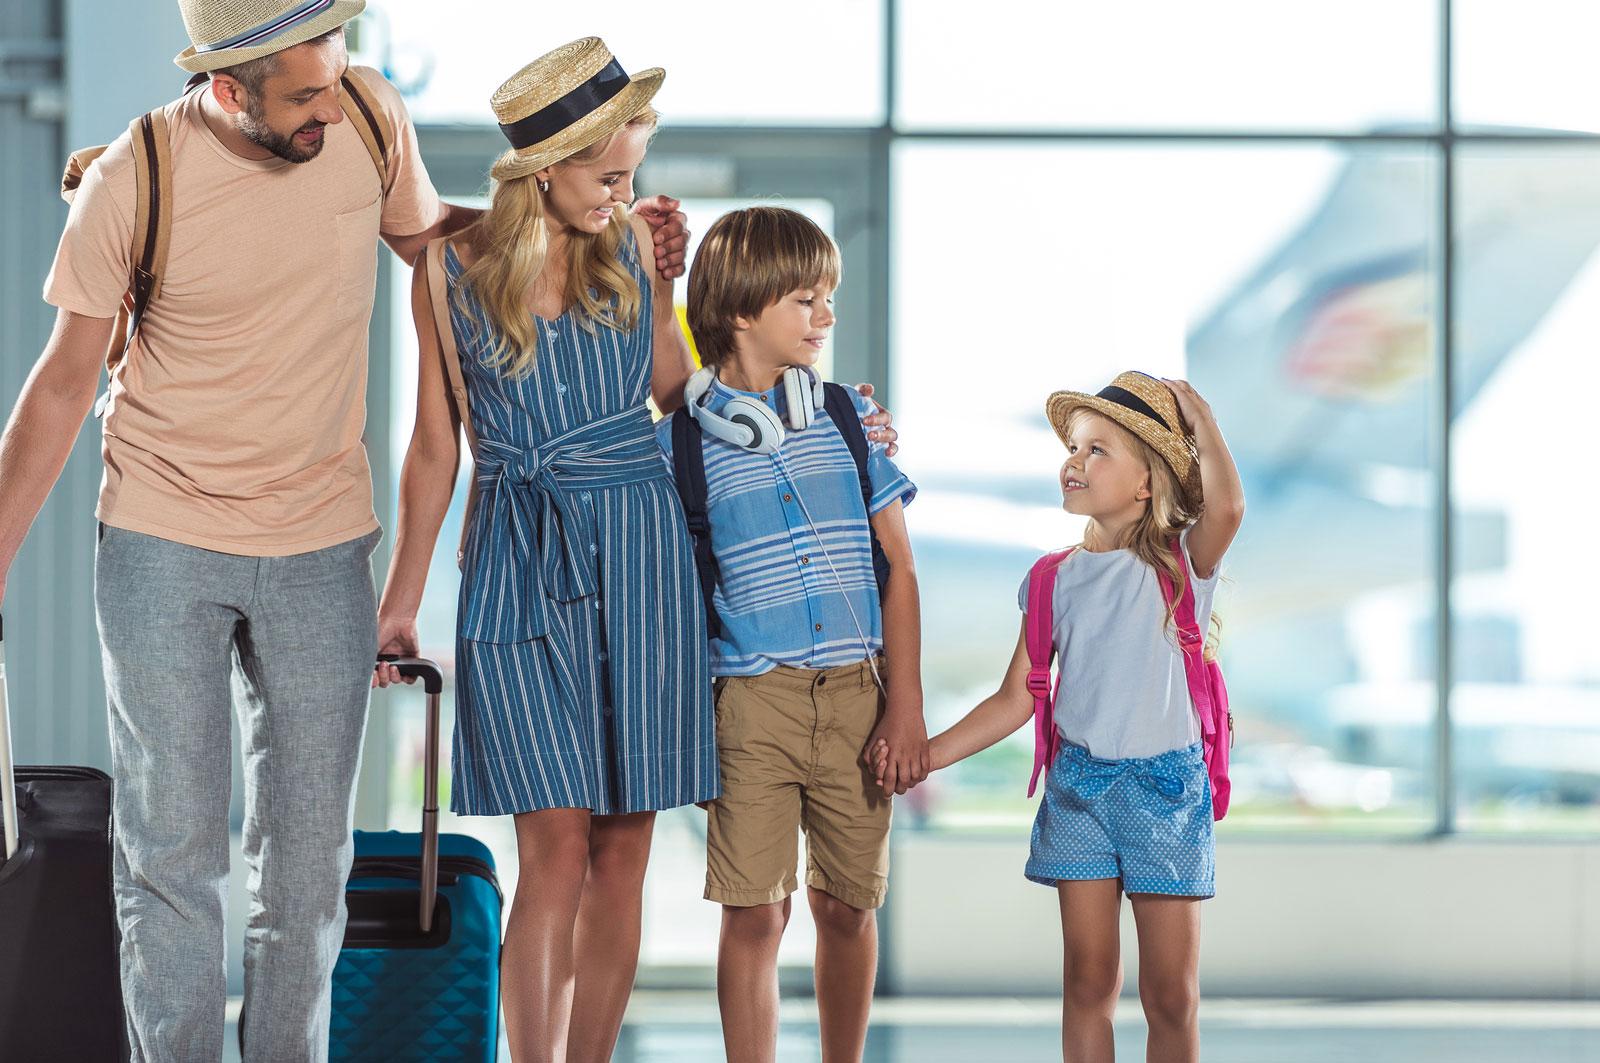 Vacanze coi bimbi: consigli utili per i prossimi viaggi